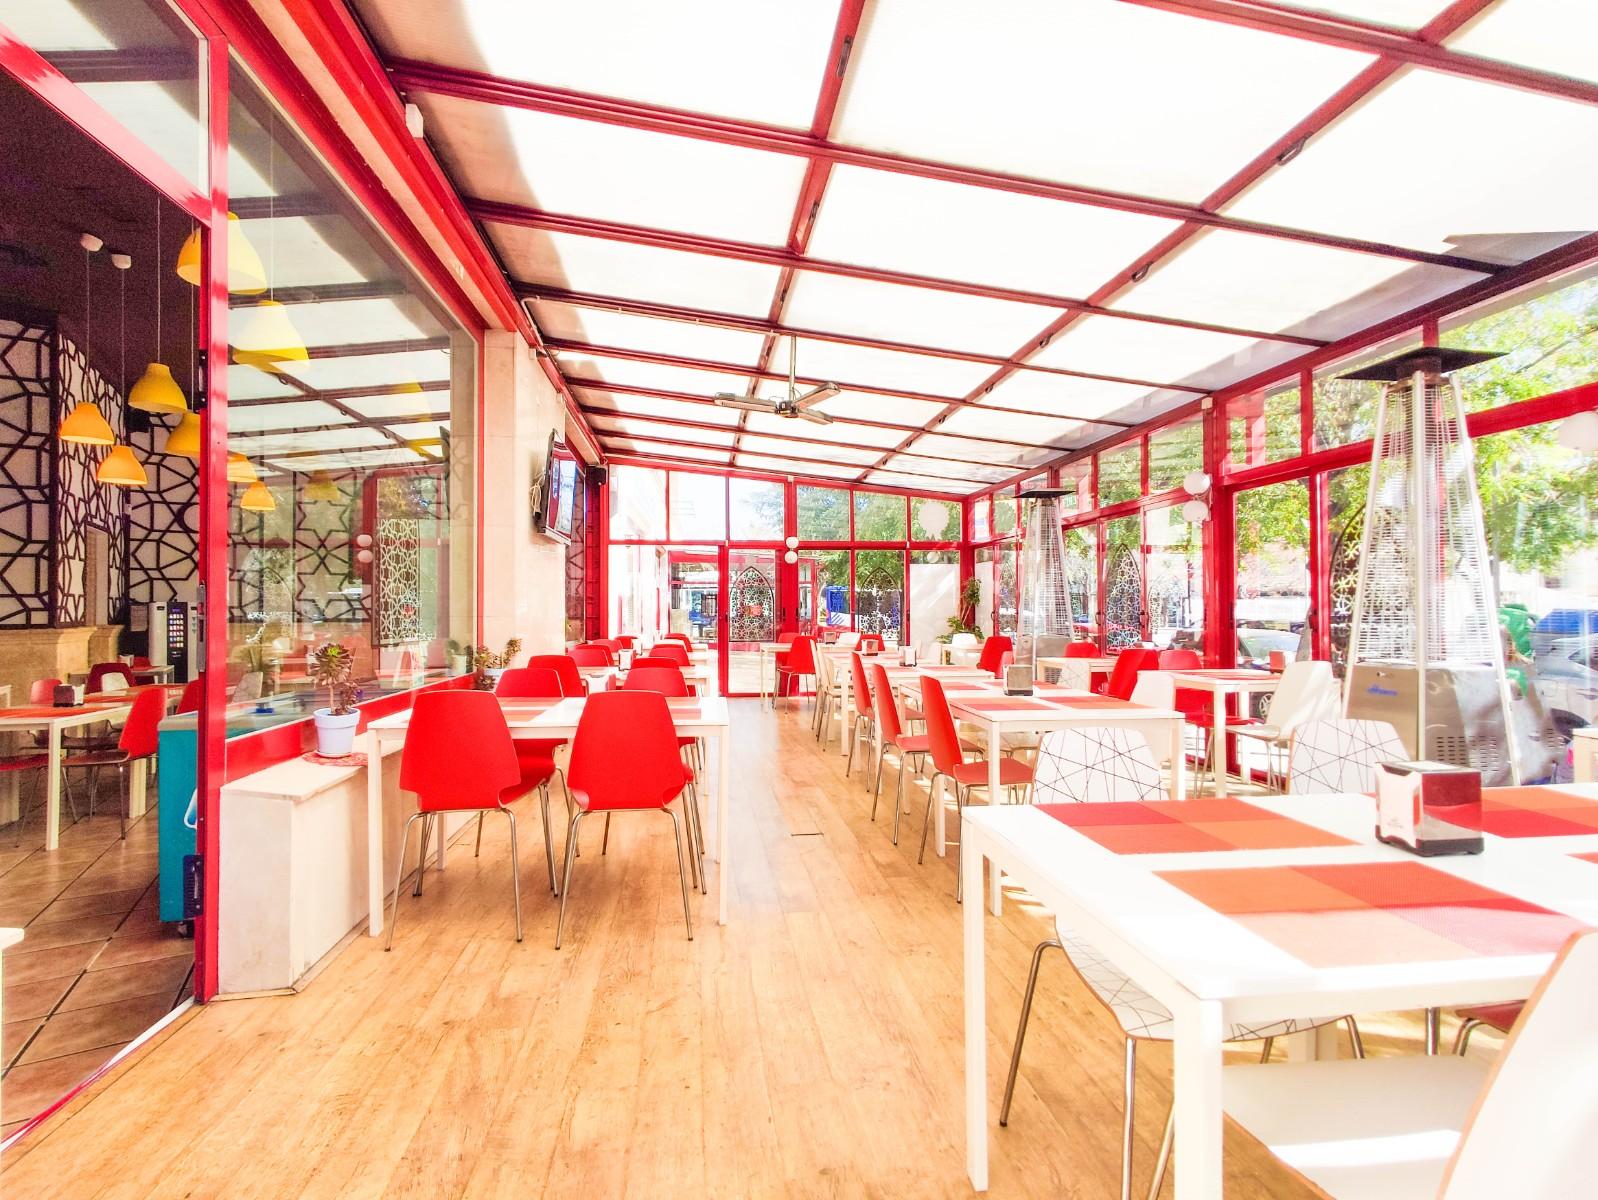 Locale commerciale  San juan de alicante, alicante. Restaurante con amplias terrazas en venta en san juan de alican